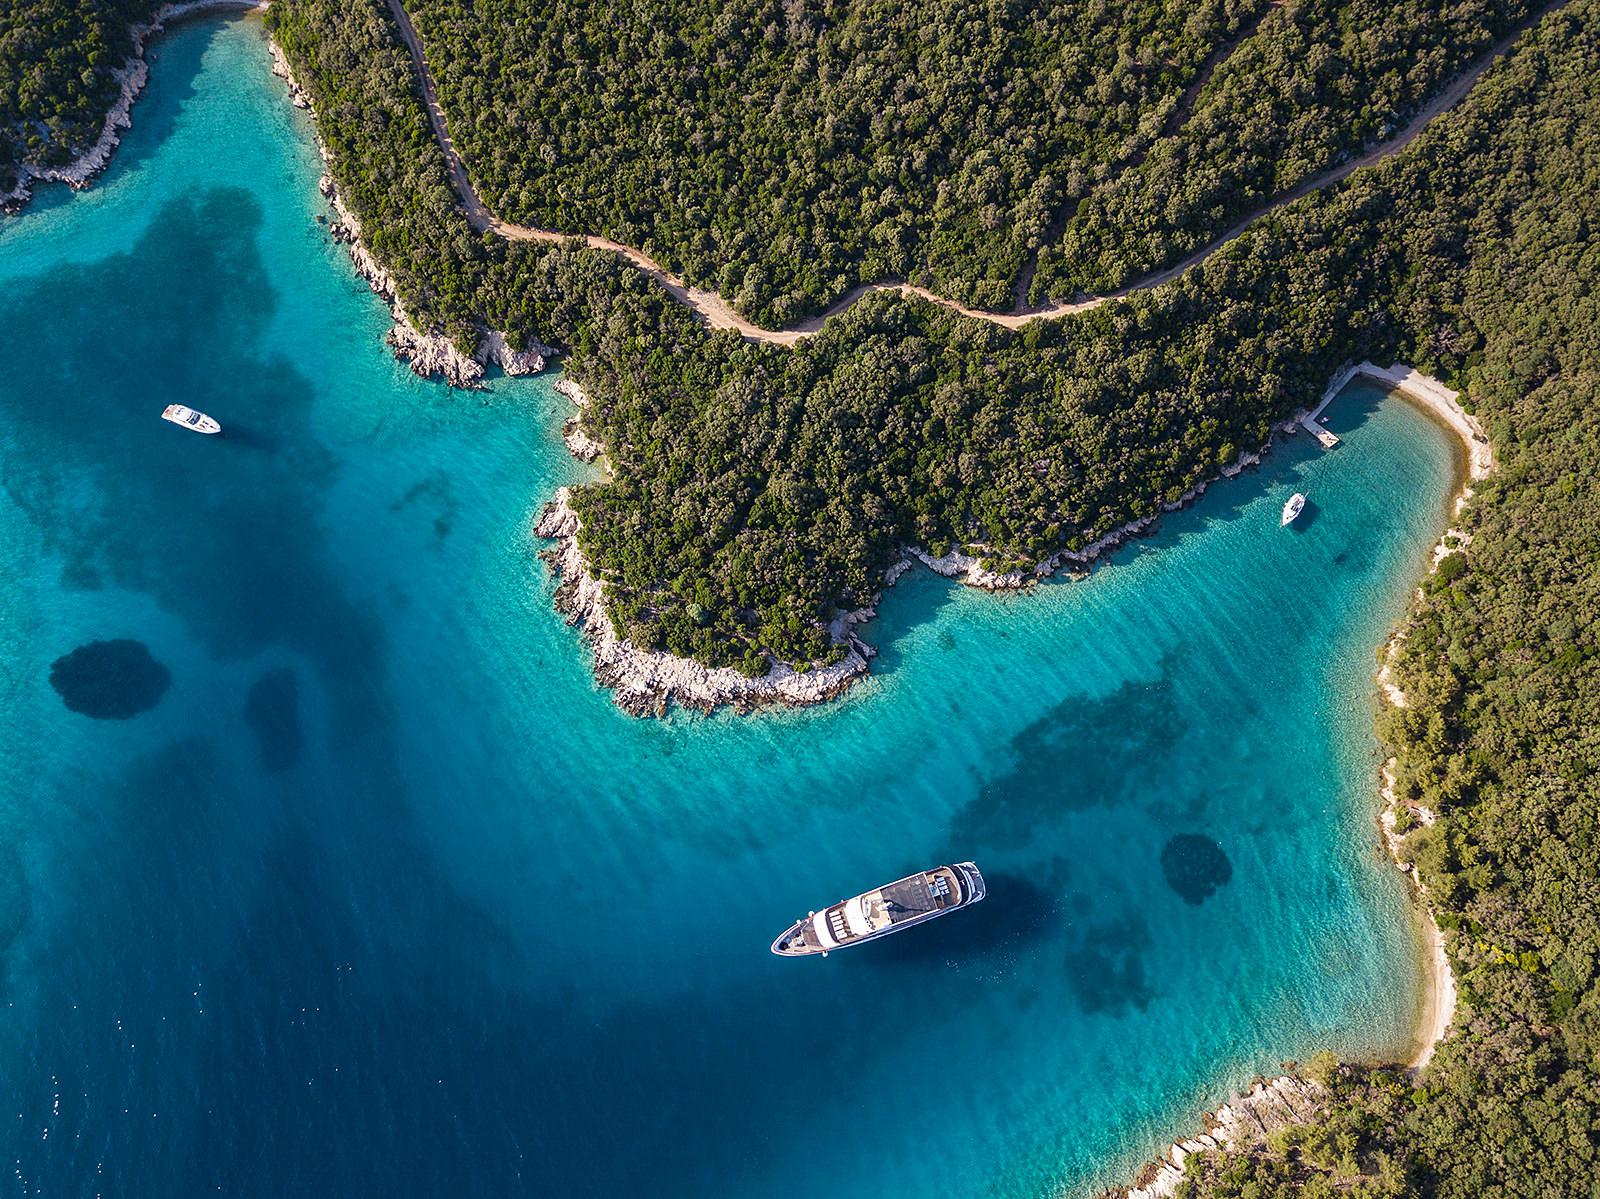 Der Blick von oben auf die Bucht von Primorje-Gorski Kotar in Kroatien. (Foto: Holger Leue)